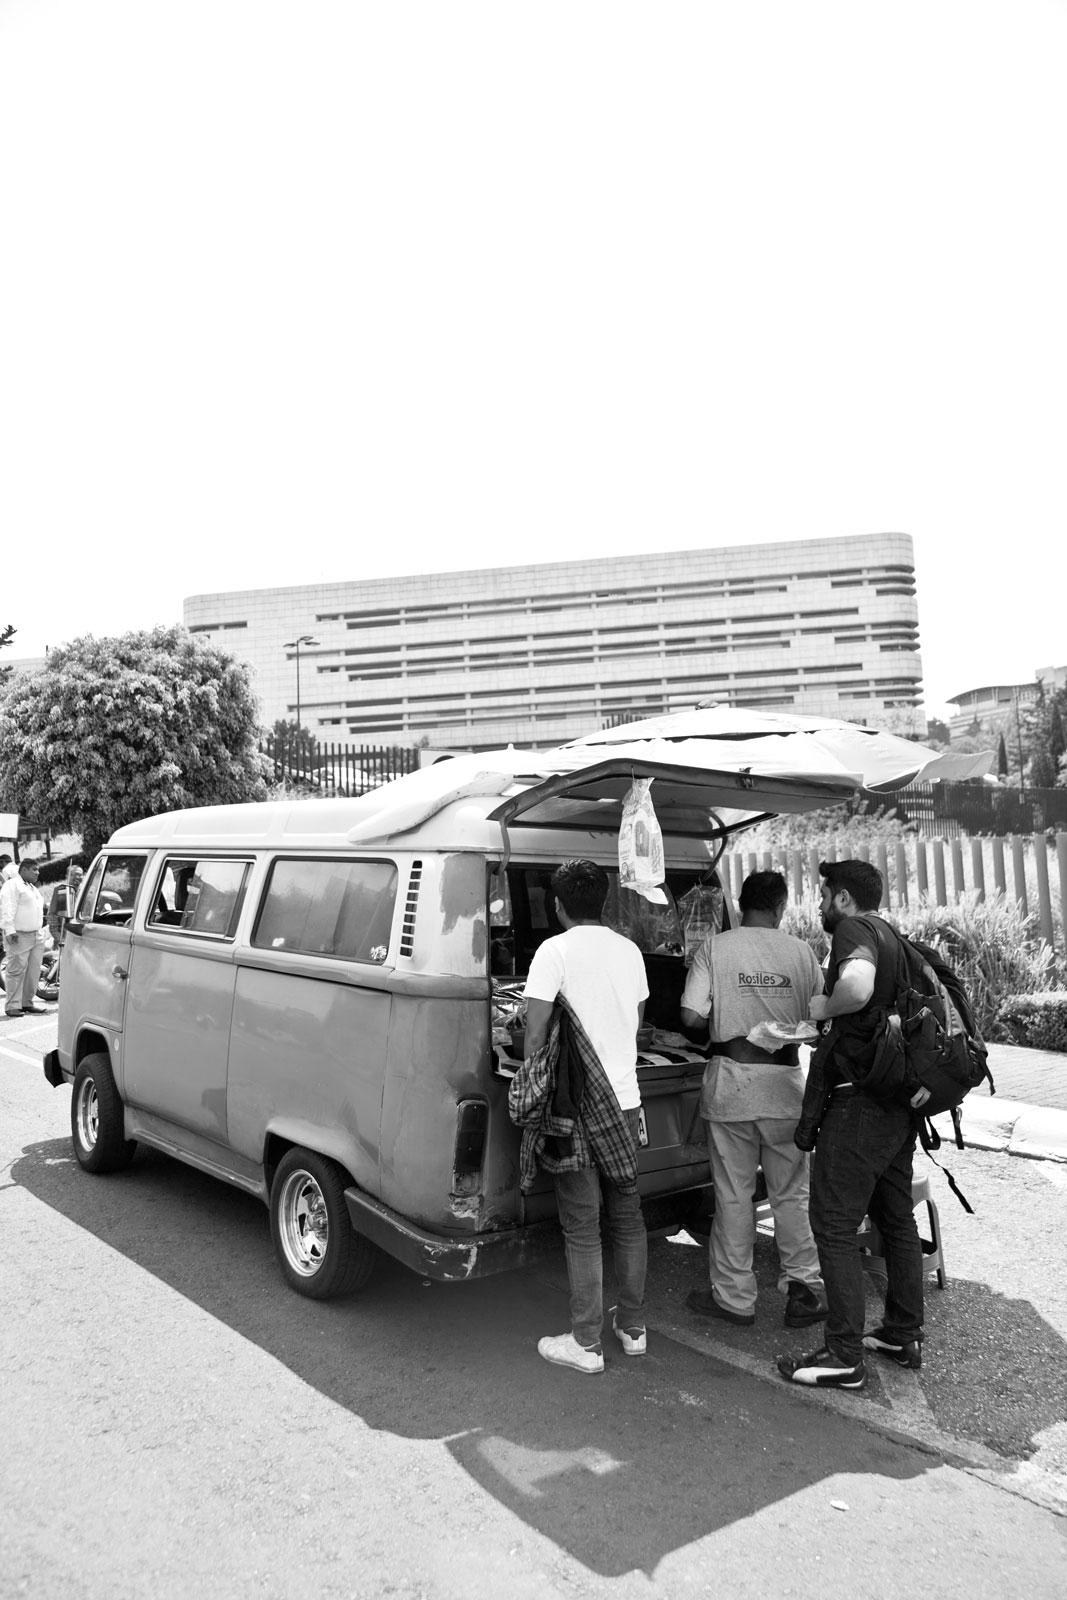 07152019_galeria-taqueros 11 camioneta bn.jpg